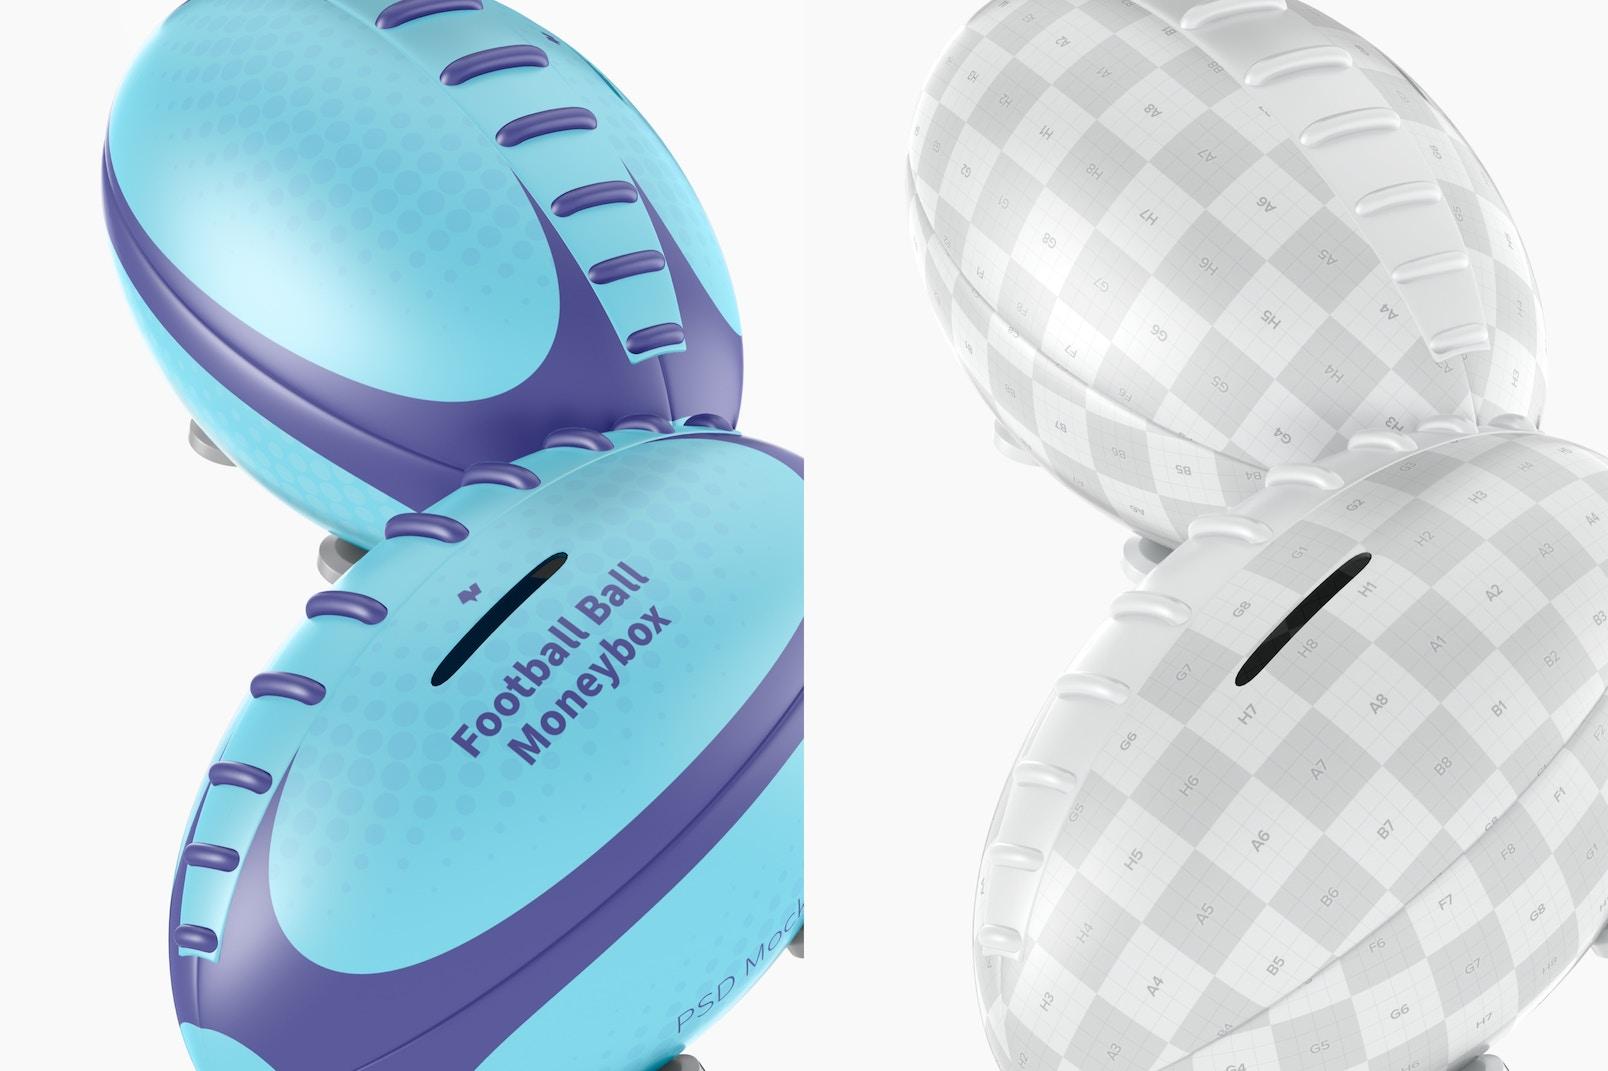 Metal Football Ball Moneybox Mockup, Close Up